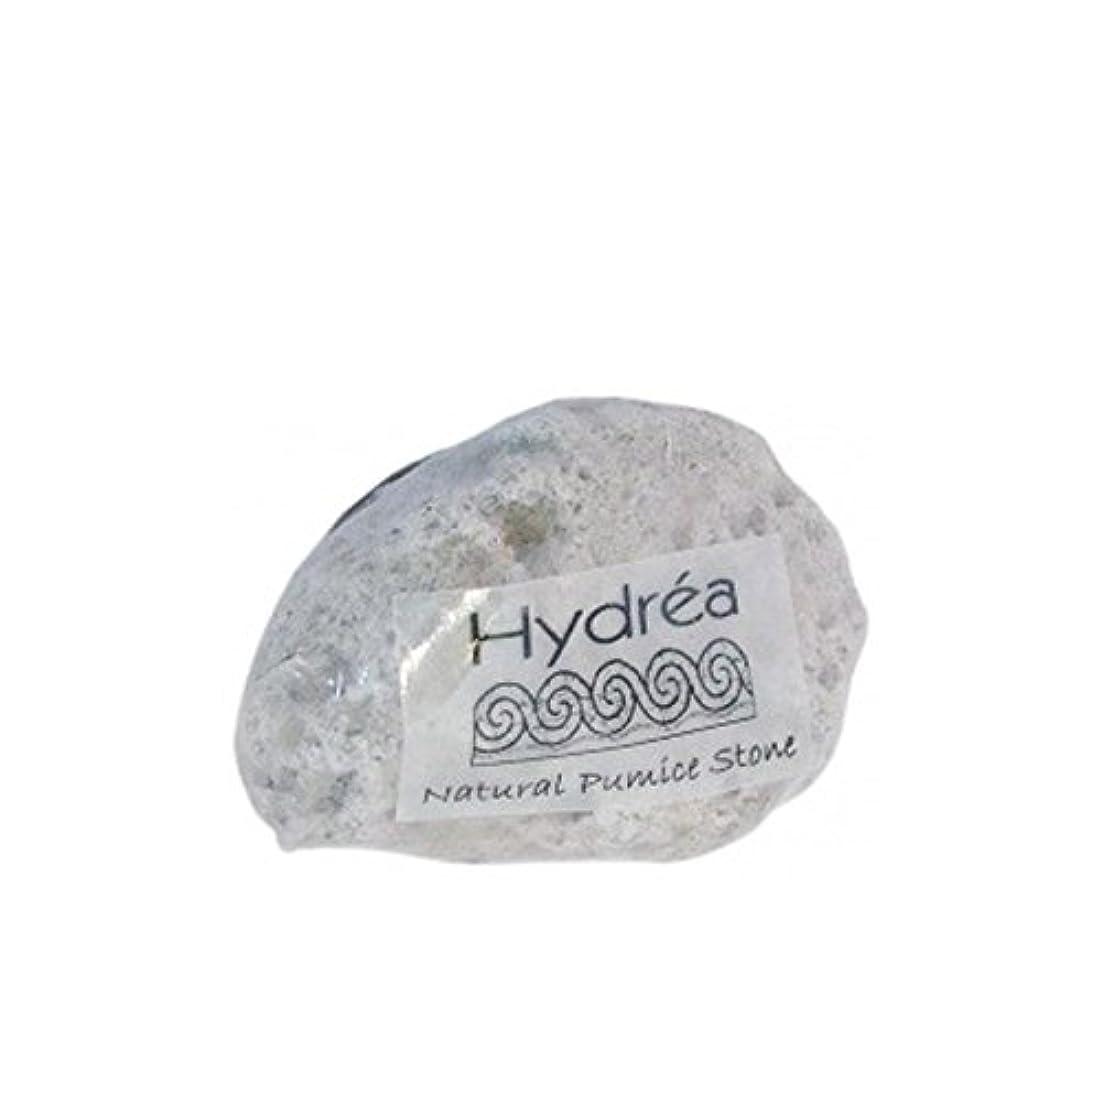 聴く光沢のある動物園Hydrea London - Natural Pumice Stone - ハイドレアロンドン - 自然軽石 [並行輸入品]